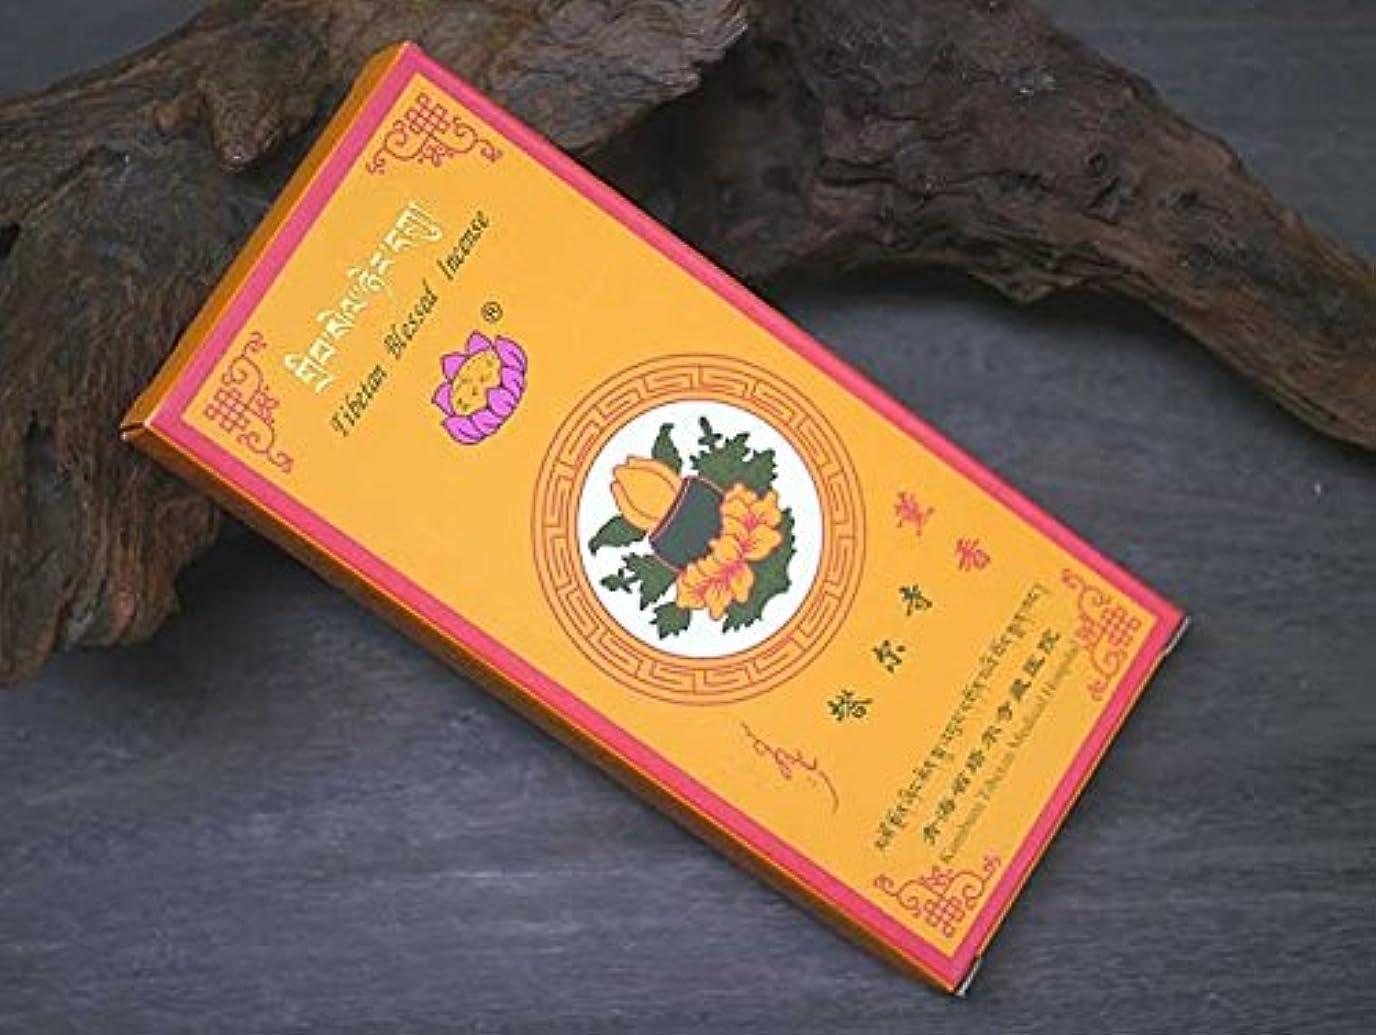 イベント確かめる固体タールゴンパ チベット仏教塔 寺(タールゴンパ)【密宗清除 薫香おタイプ】